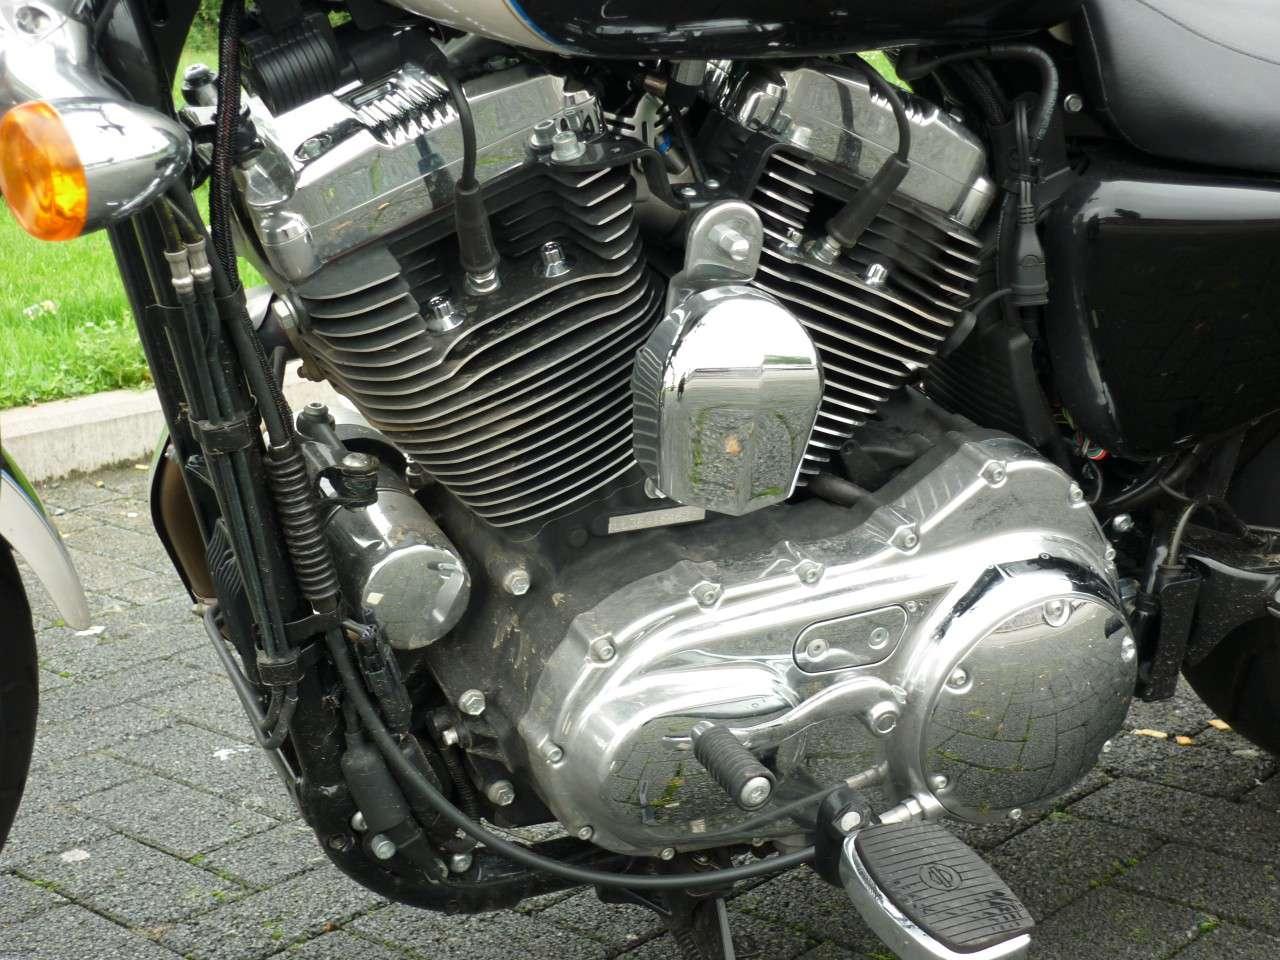 harley davidson sportster 1200 superlow touring objectif moto. Black Bedroom Furniture Sets. Home Design Ideas